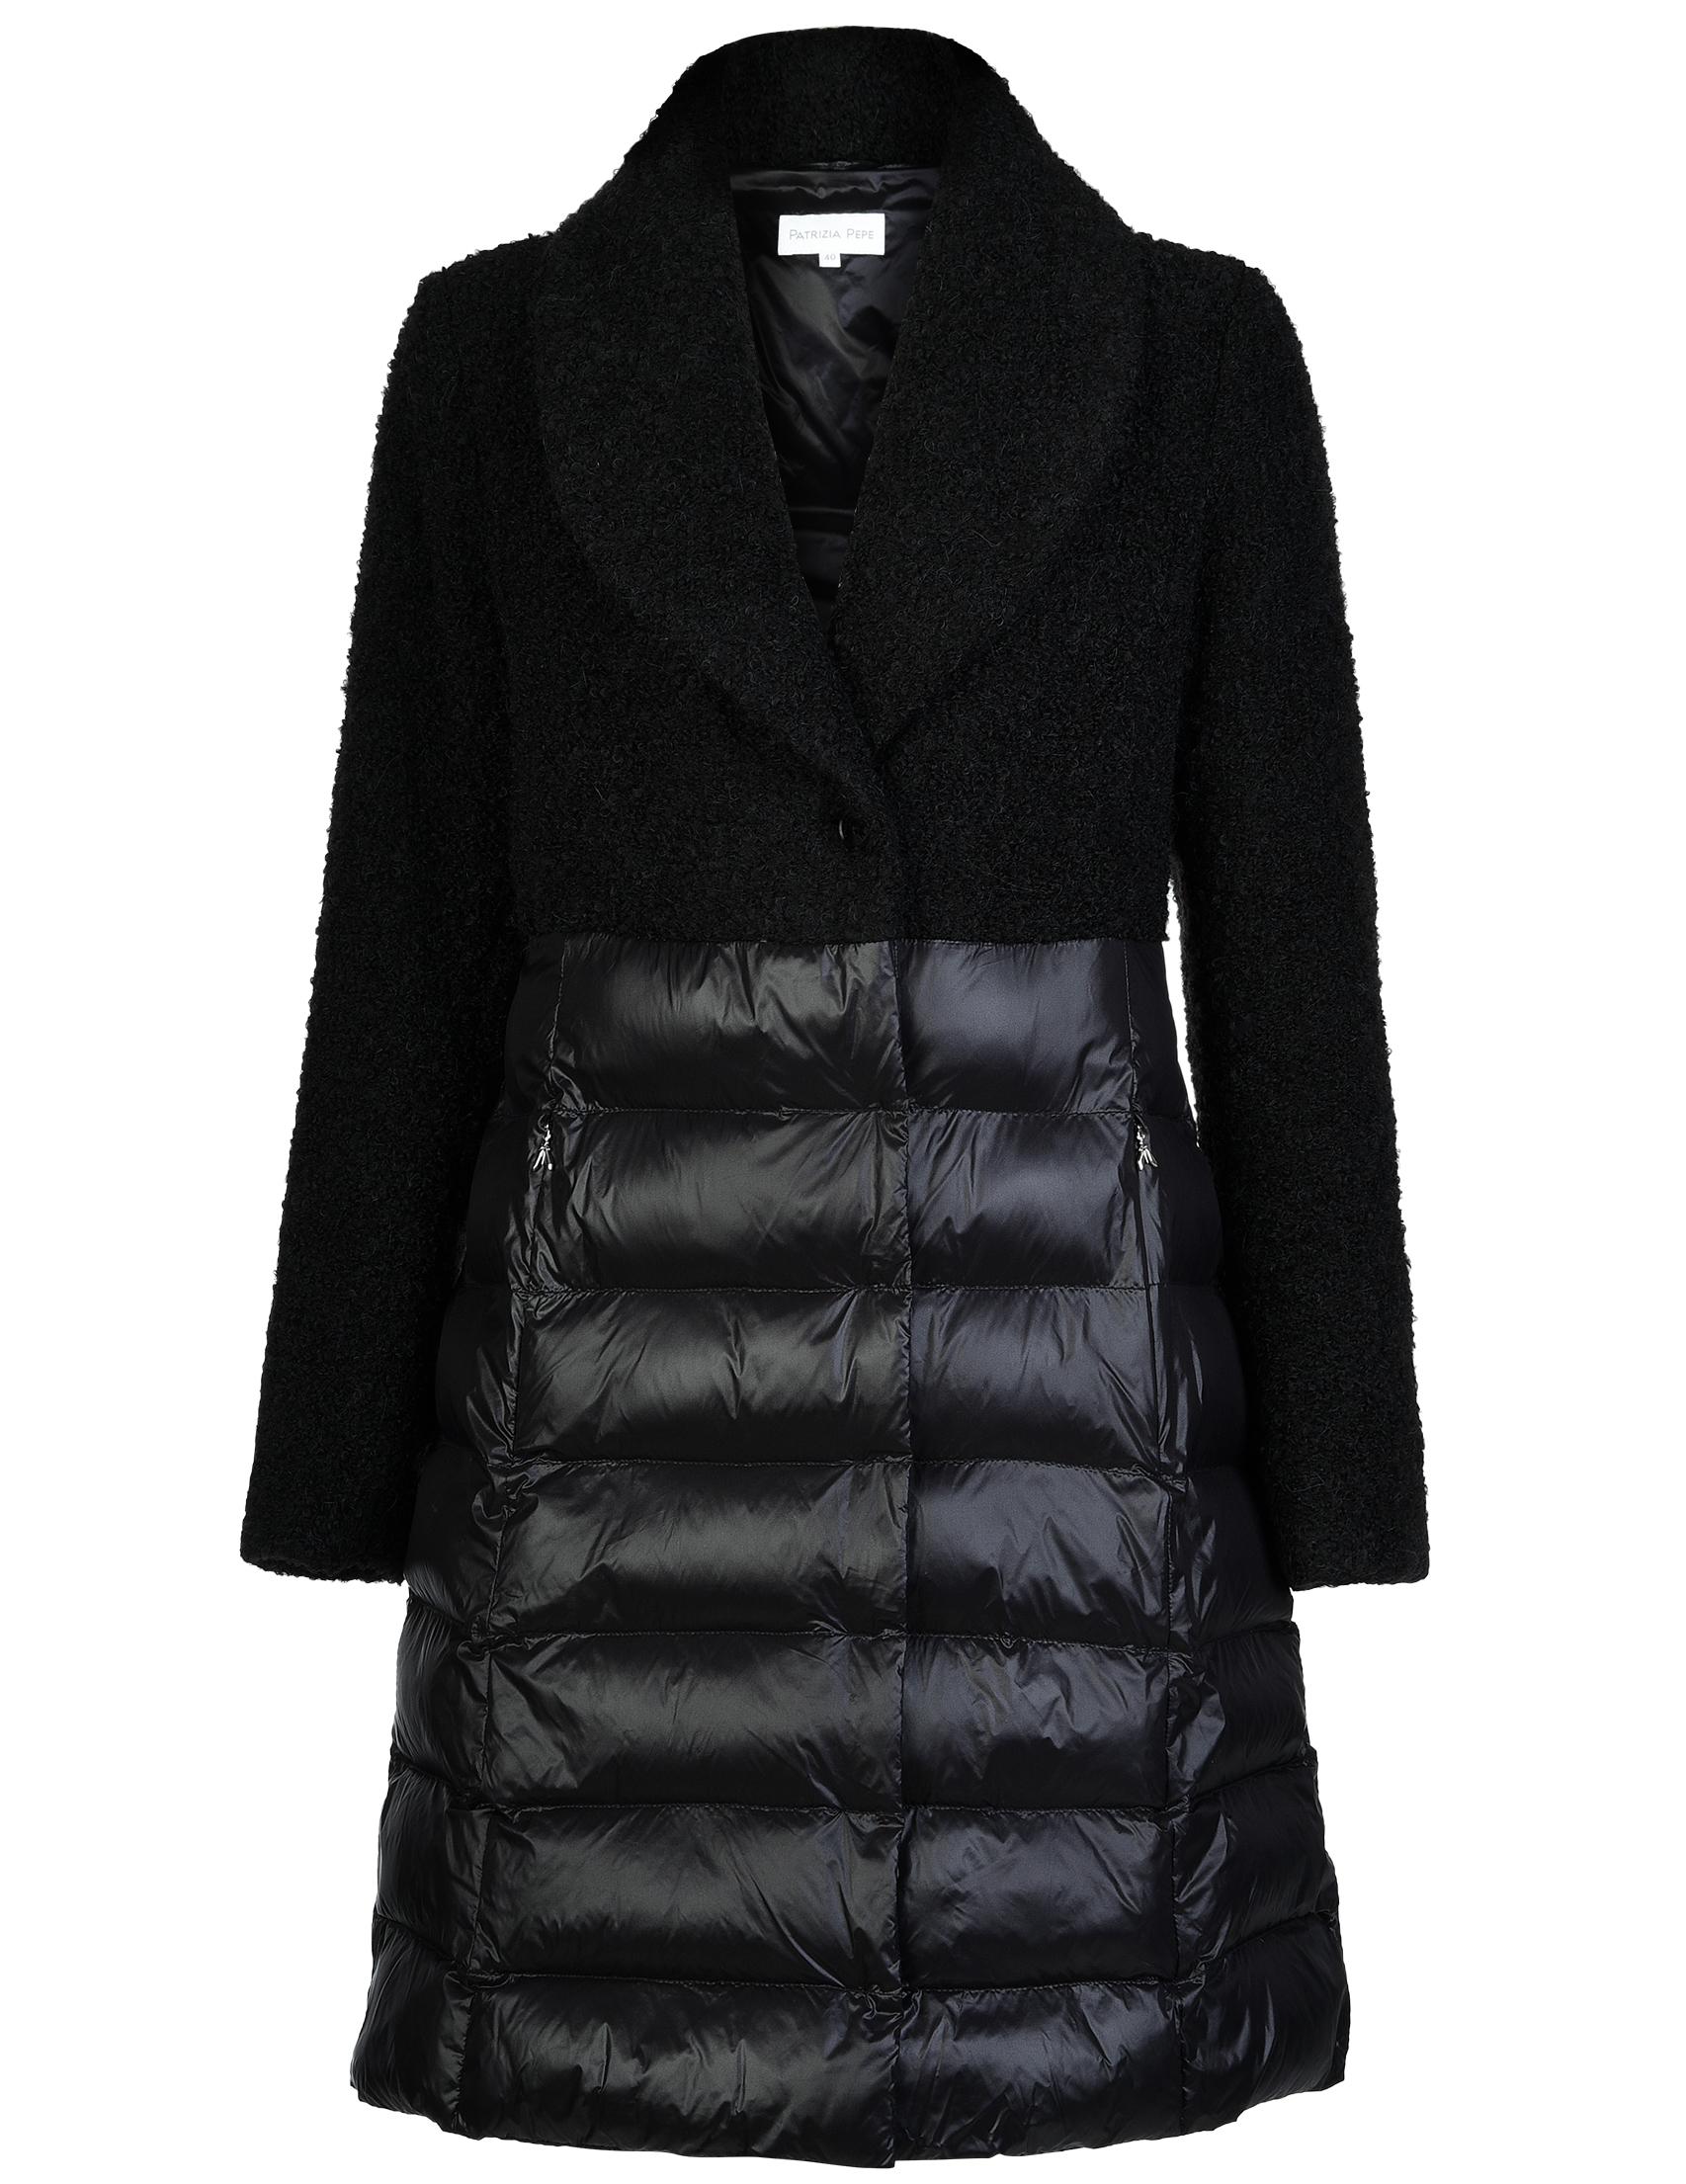 Купить Пальто, PATRIZIA PEPE, Черный, 45%Акрил 23%Альпака 23%Лана 9%Полиэстер, Осень-Зима